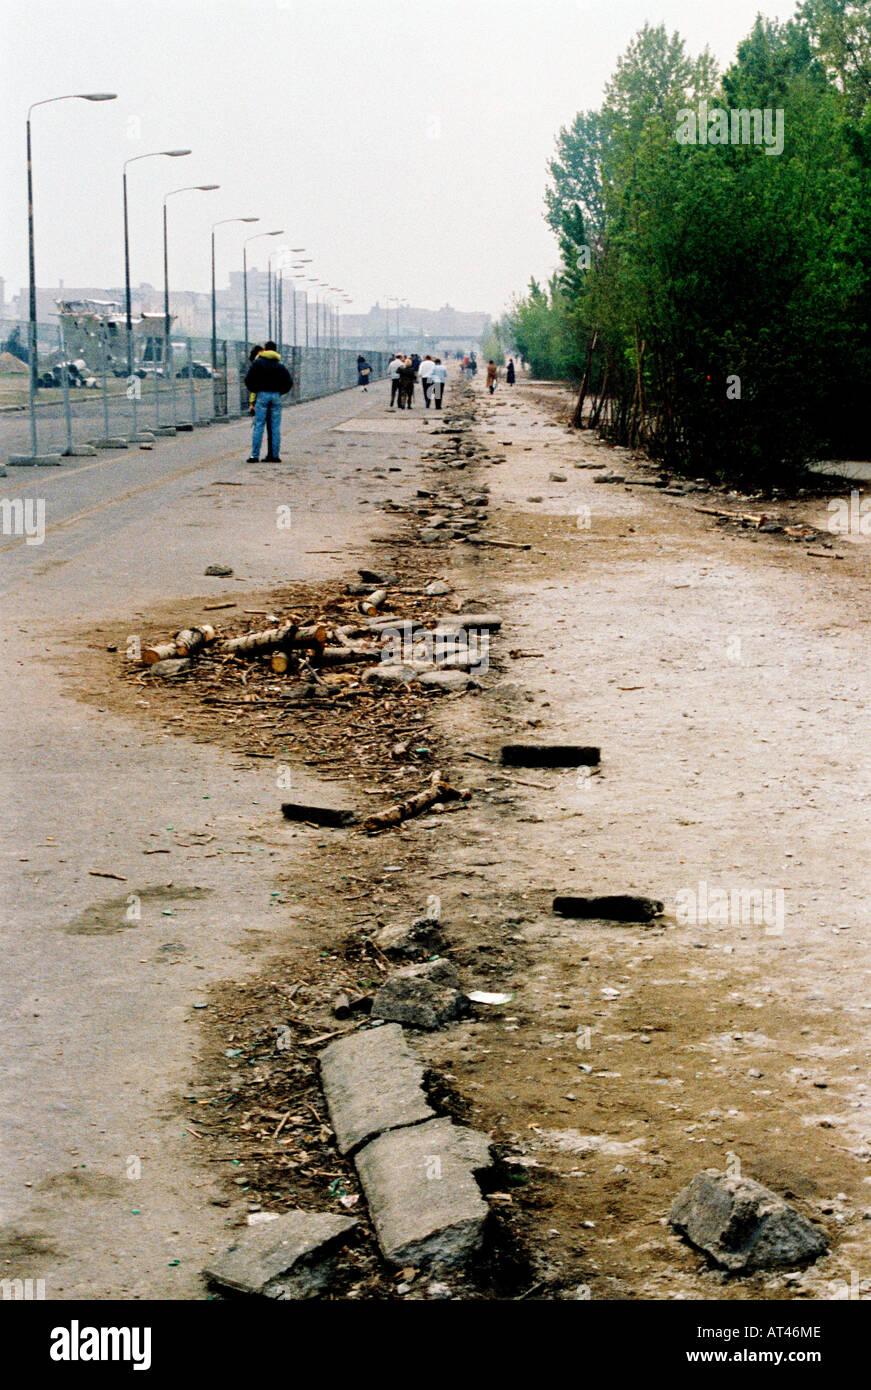 Der Fall der Berliner Mauer 1989. Die Reste der Berliner Mauer Geschichte Archiv historische Stockbild